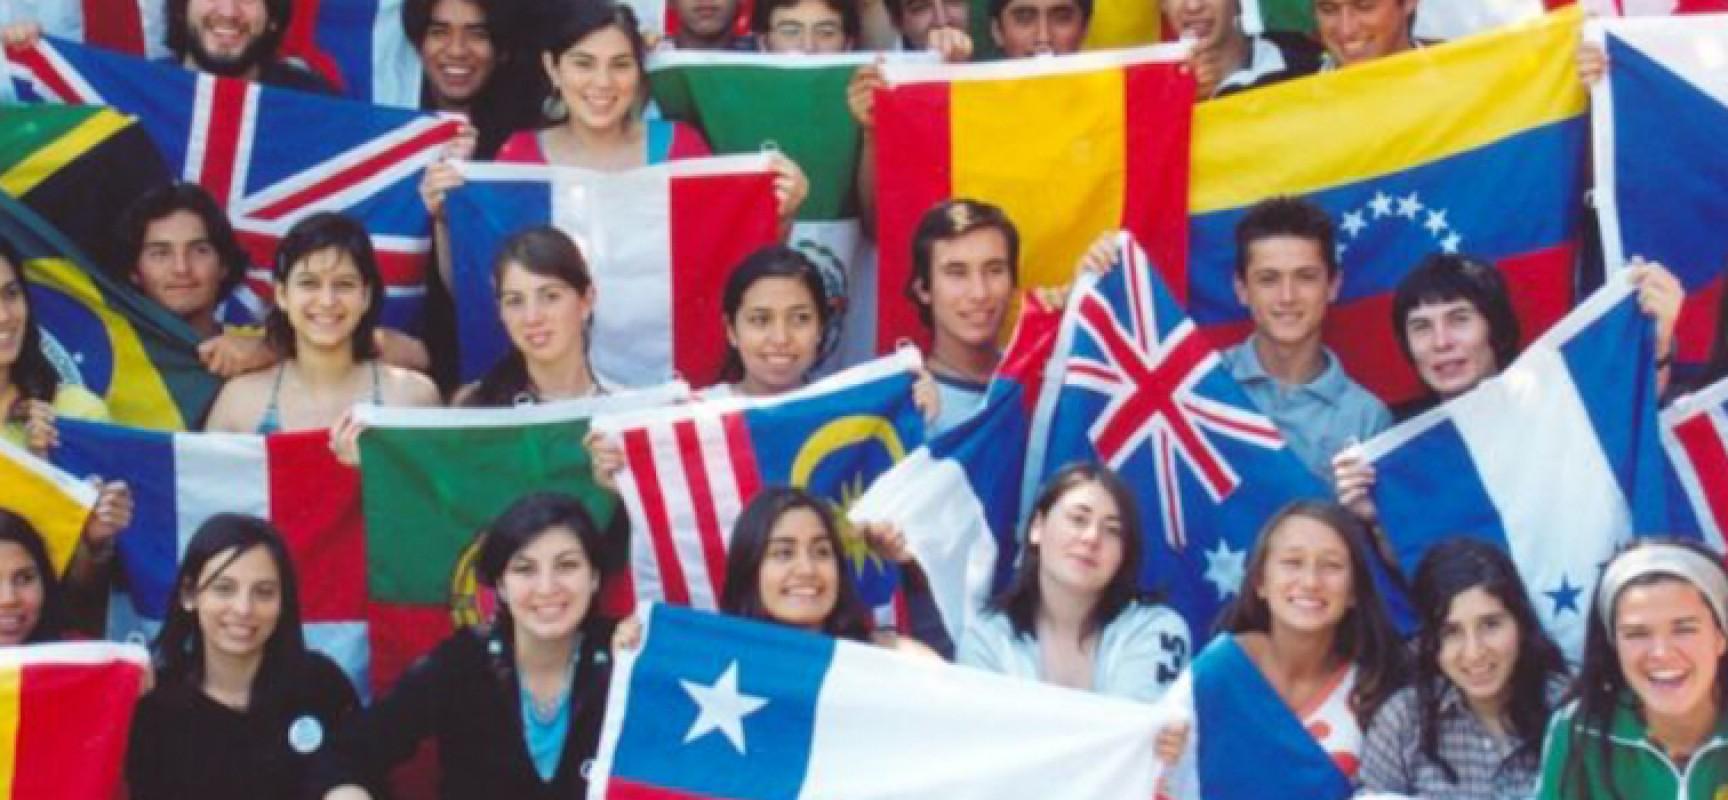 Fondazione Intercultura, circa duemila borse di studio per studenti di scuola media superiore / DETTAGLI